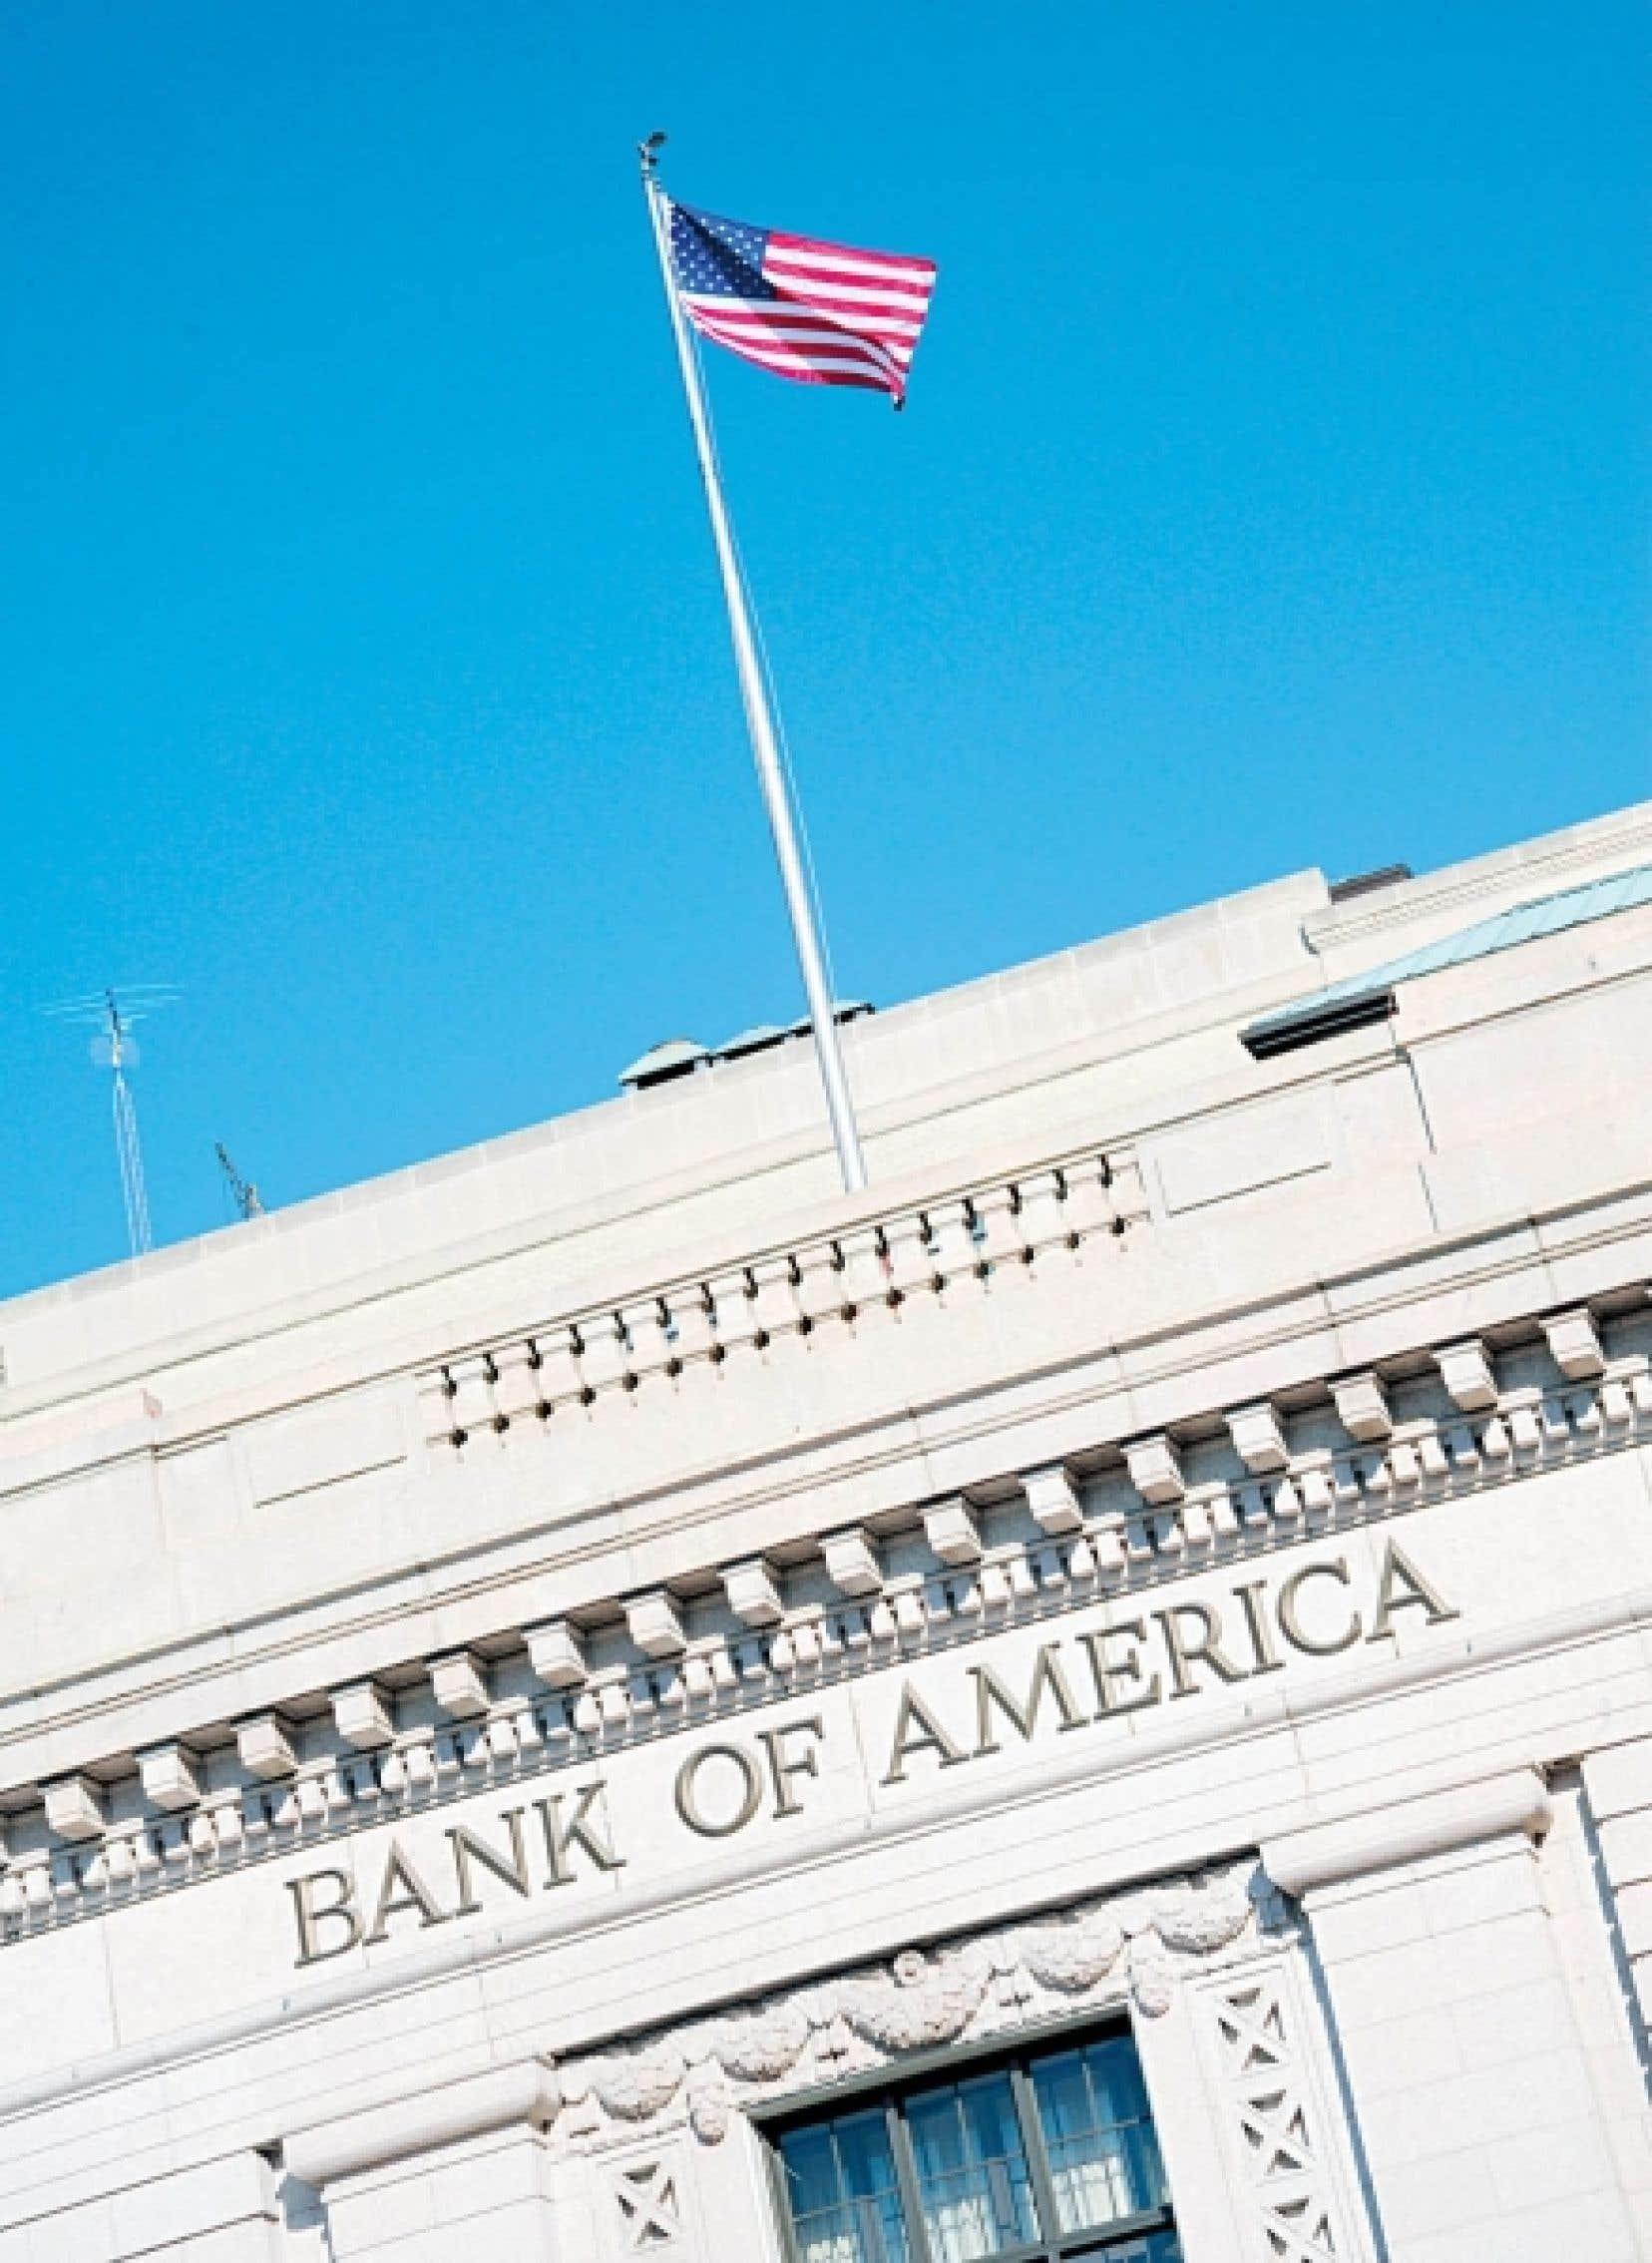 Bank of America croit que son plan d'économies lui permettra d'économiser 5 milliards de dollars par année à partir de 2014.<br />